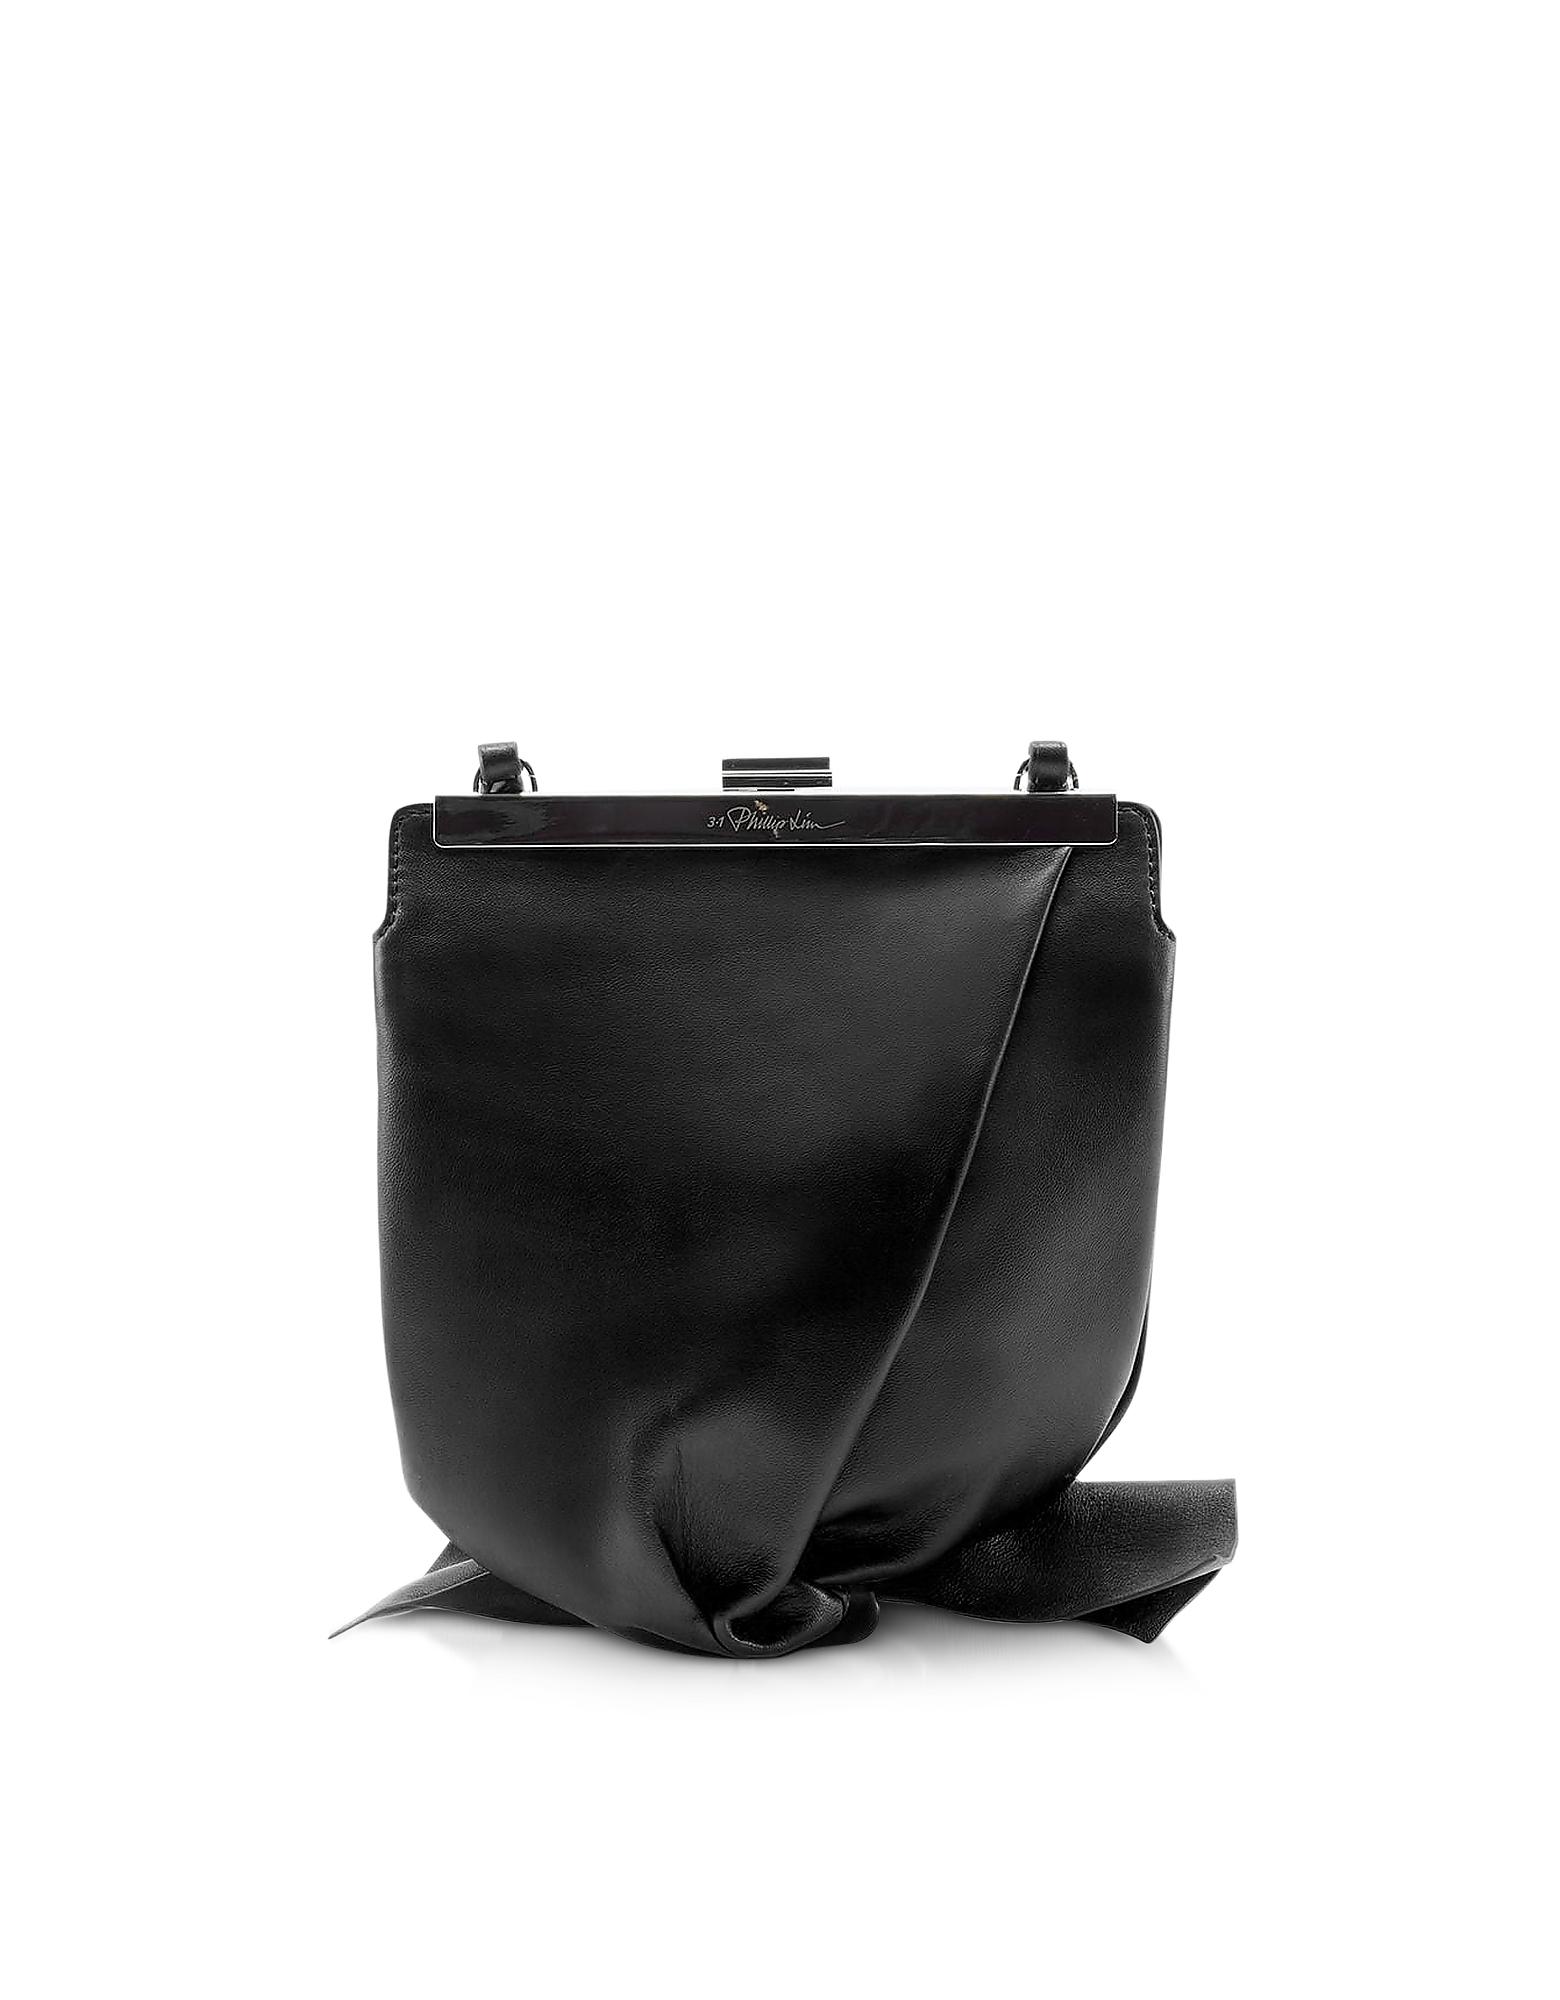 3.1 Phillip Lim  Handbags Estelle Mini Soft Case w/Shoulder Strap